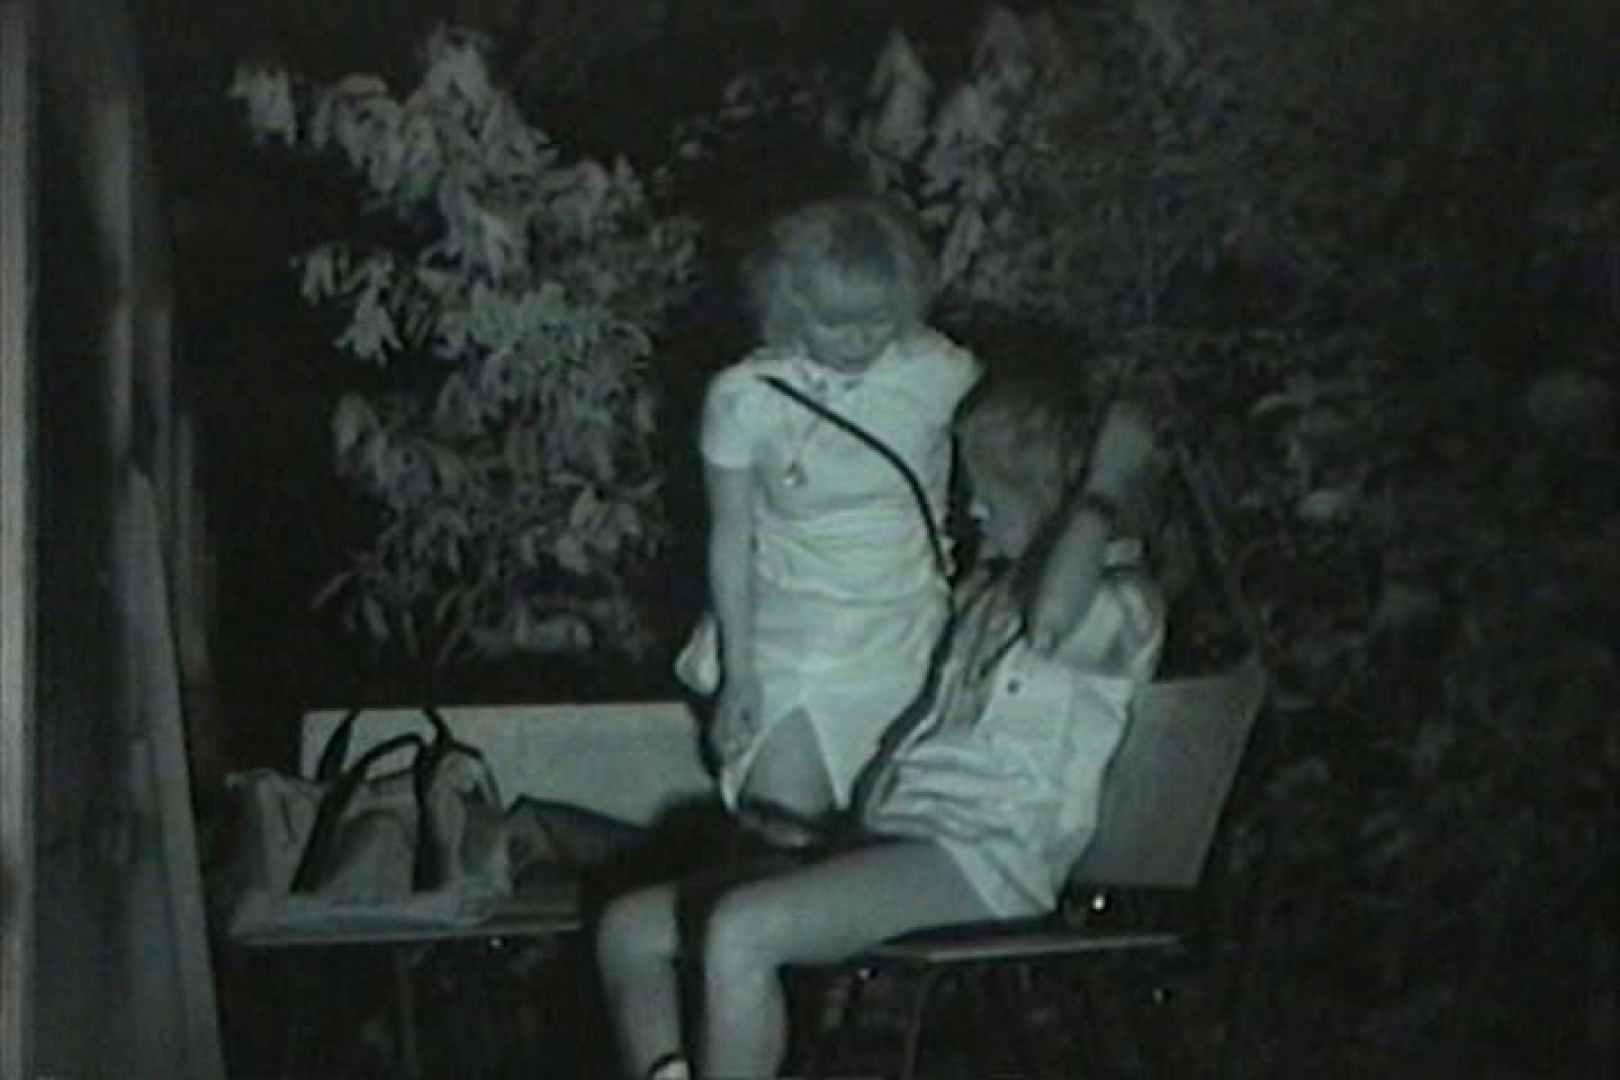 闇の仕掛け人 無修正版 Vol.24 ホテル隠し撮り 隠し撮りオマンコ動画紹介 101pic 73